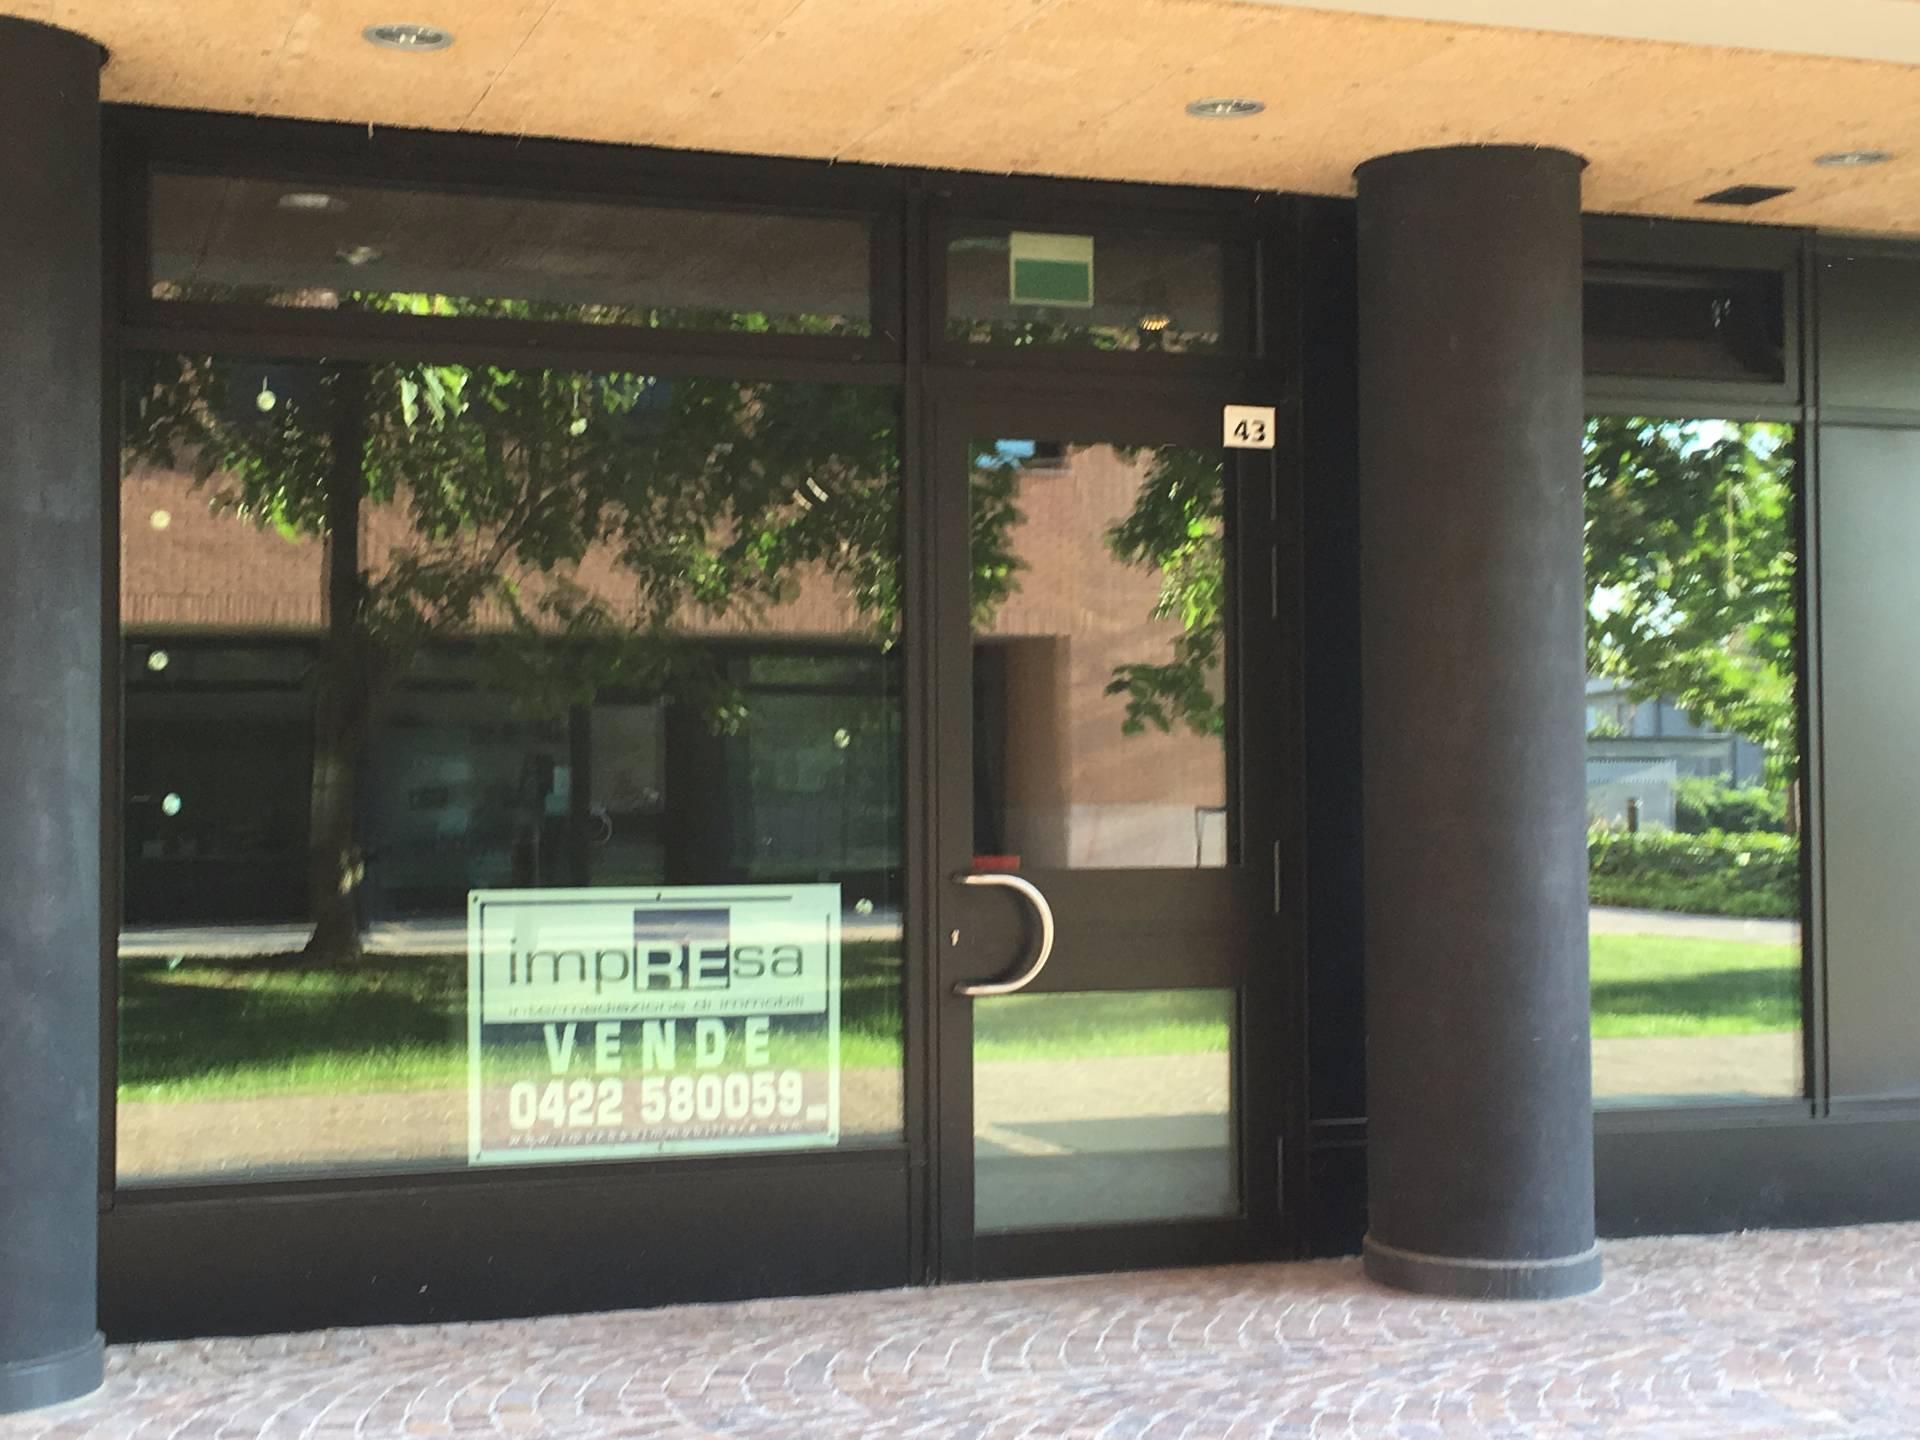 Negozio / Locale in vendita a Treviso, 9999 locali, zona Località: FuoriMura, prezzo € 158.000 | Cambio Casa.it